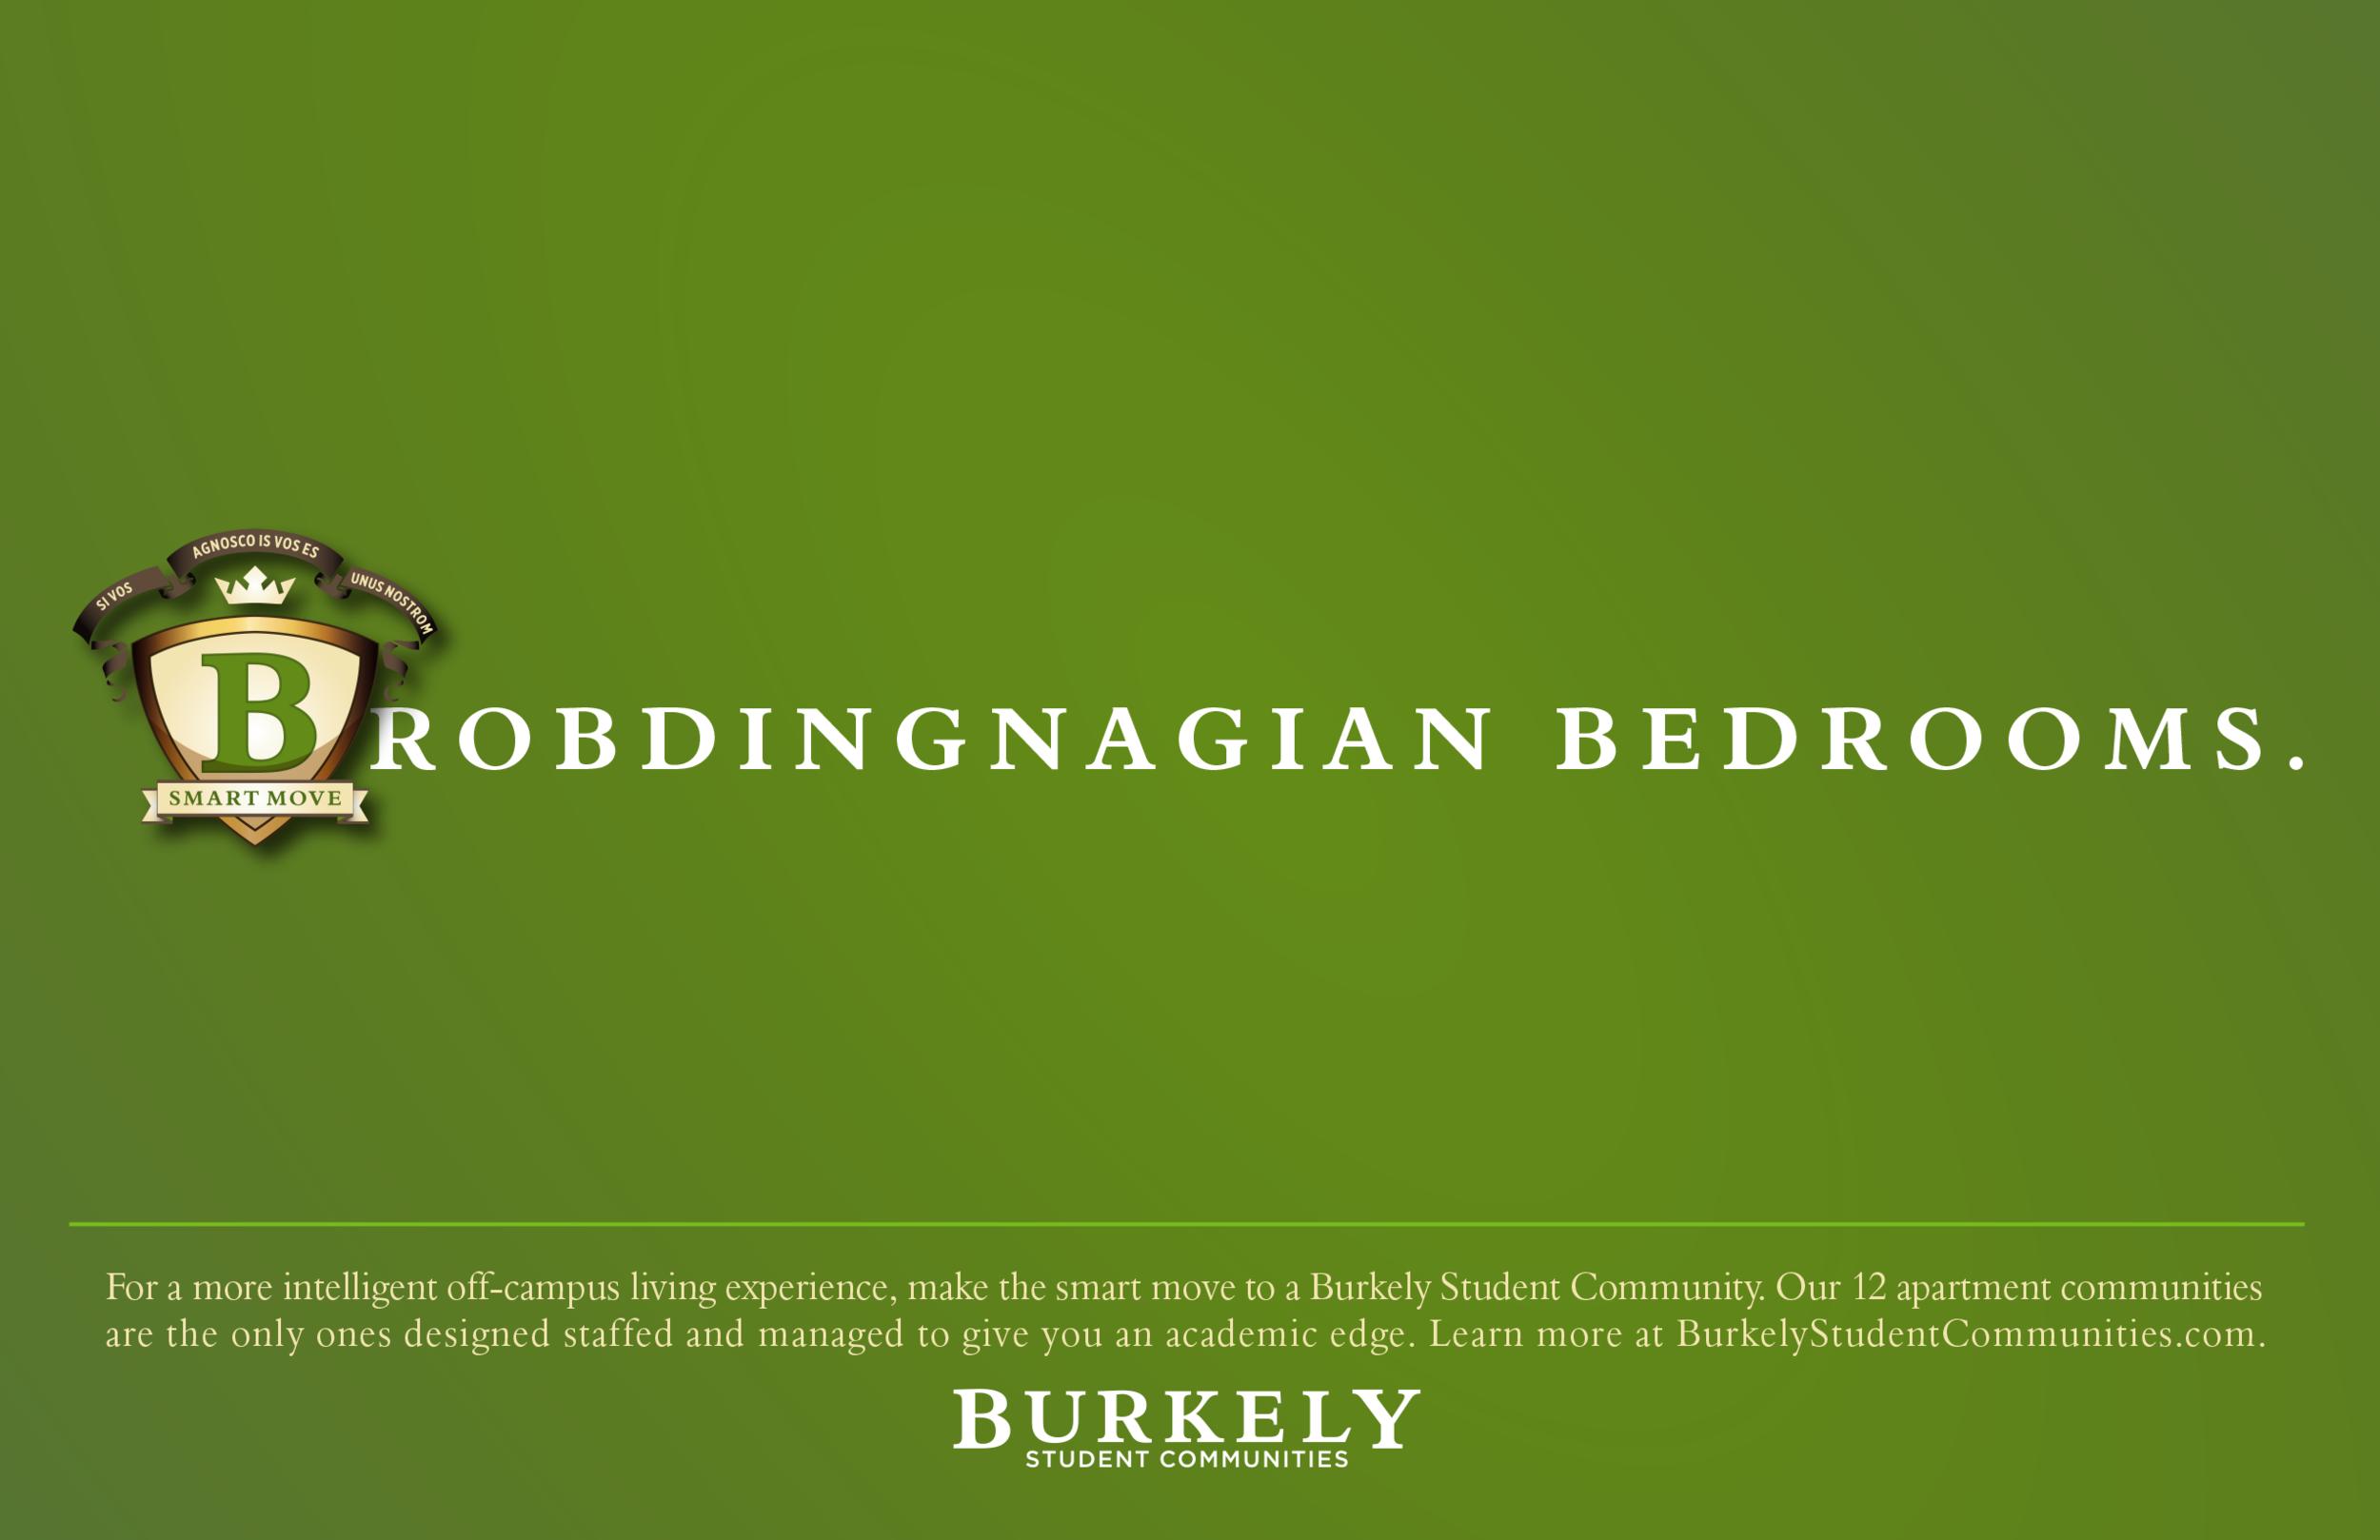 BUR.brobdingnagian_halfpage.png